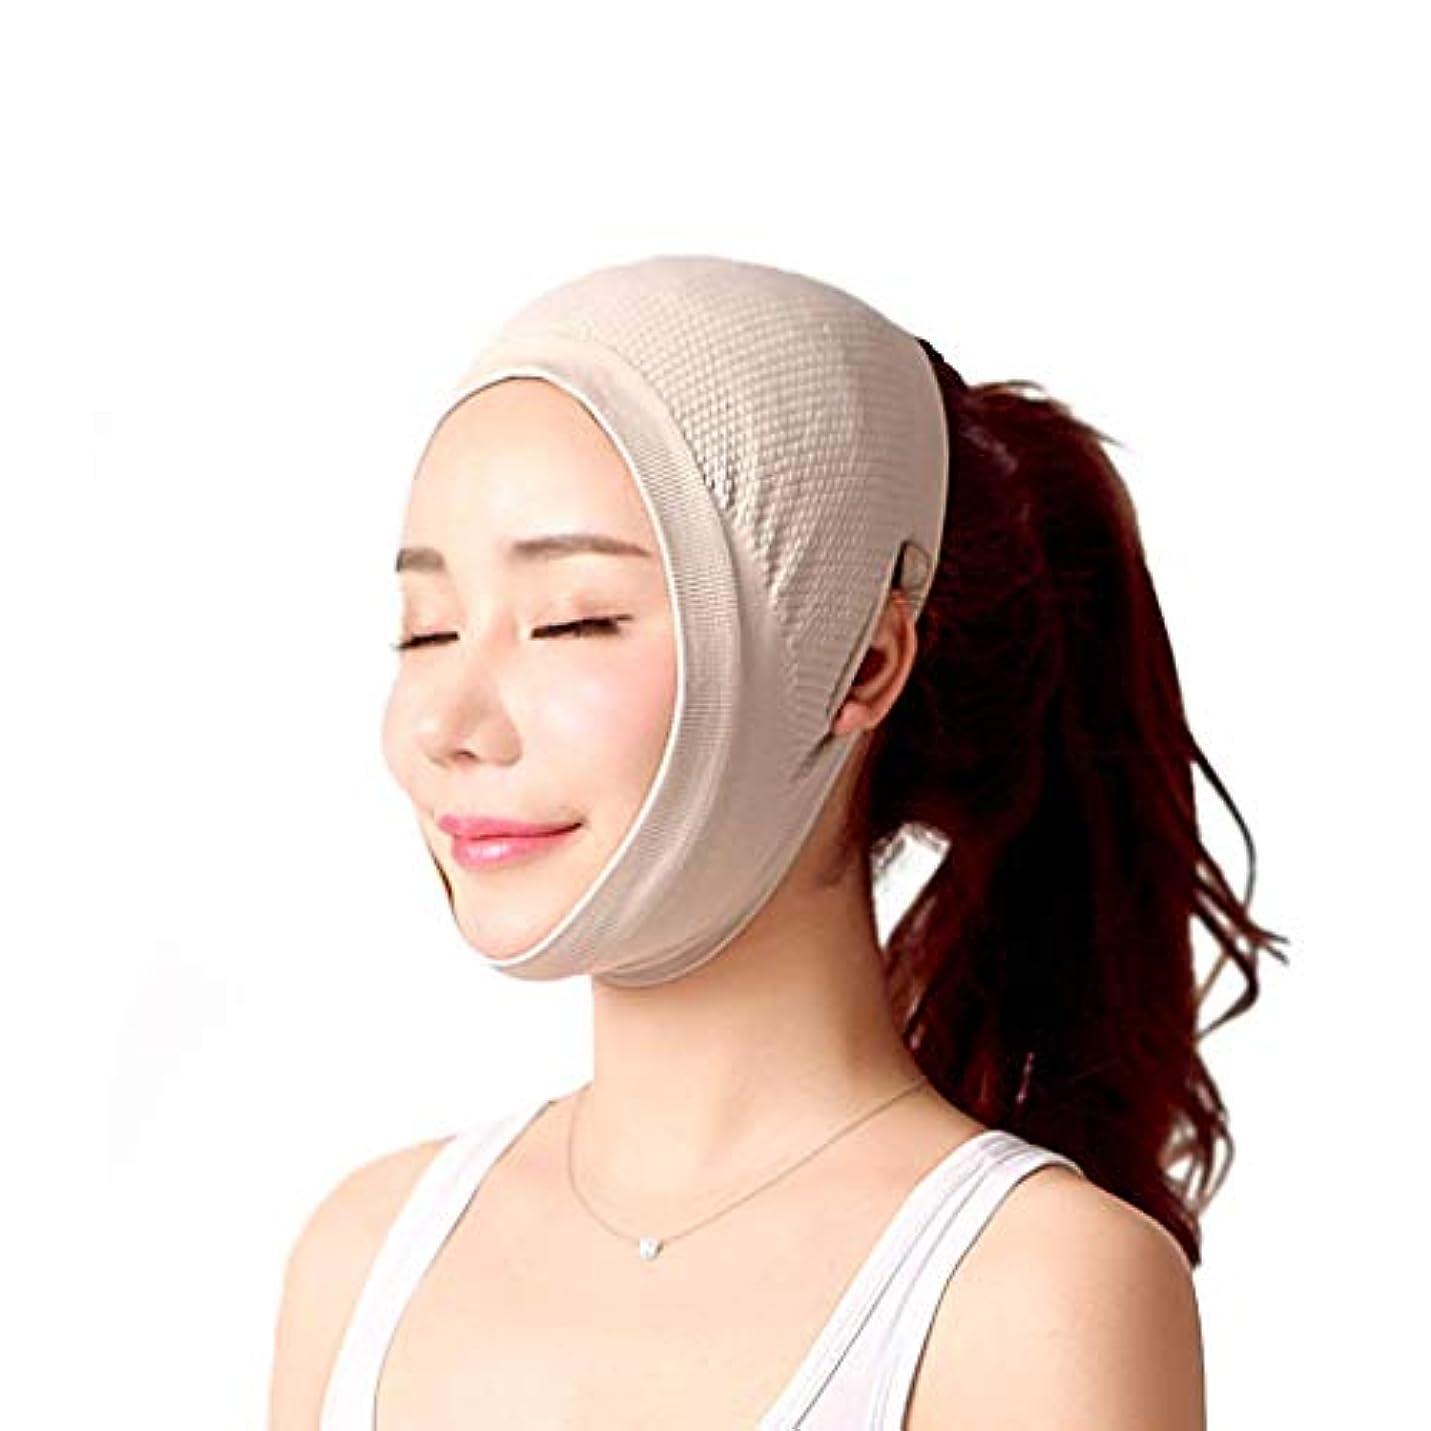 ガスお誕生日実現可能性顔痩身包帯、二重あご、二重あごを減らすために顔を持ち上げる、顔を引き締める、体重を減らすためのマスク(ワンサイズ)